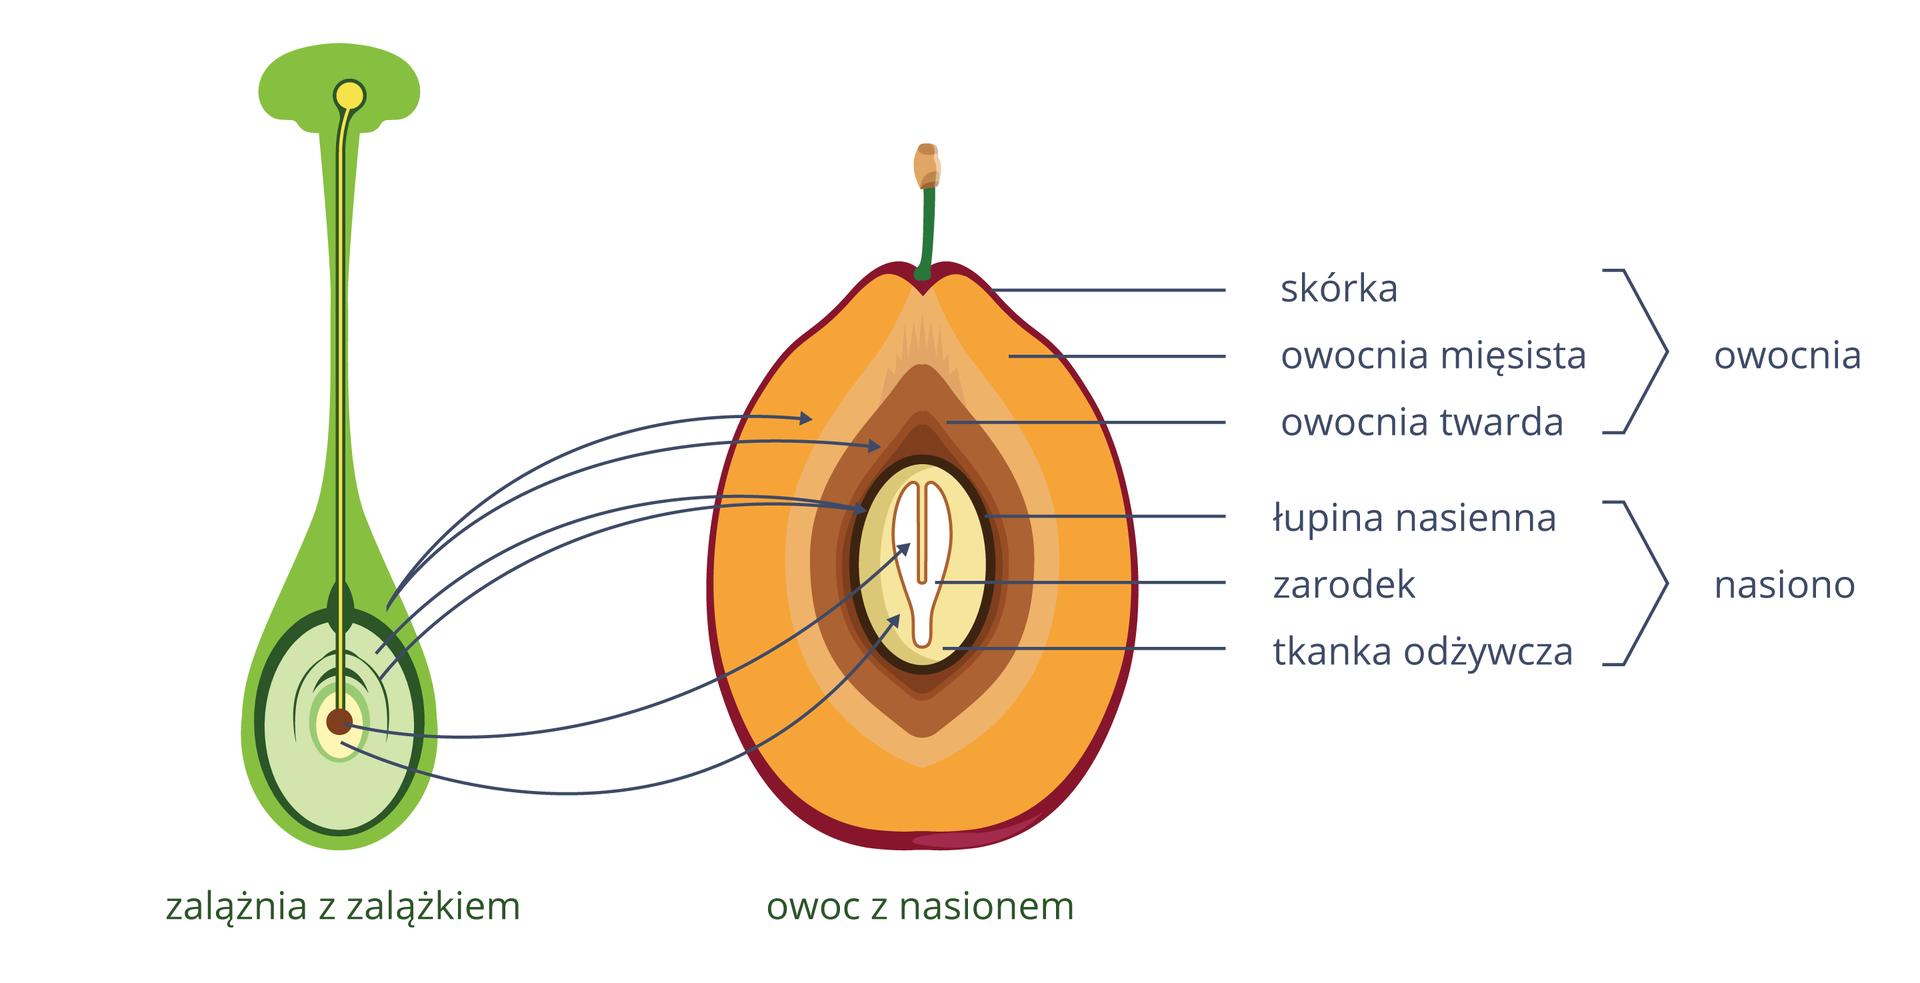 Ilustracja przedstawia po lewej zielono szarą zalążnię, po prawej żółto brązowy owoc. Na zalążni ugóry leży żółte ziarno pyłku, wrastające wgłąb. Odpowiadające sobie części połączono strzałkami. Opisy zboku.